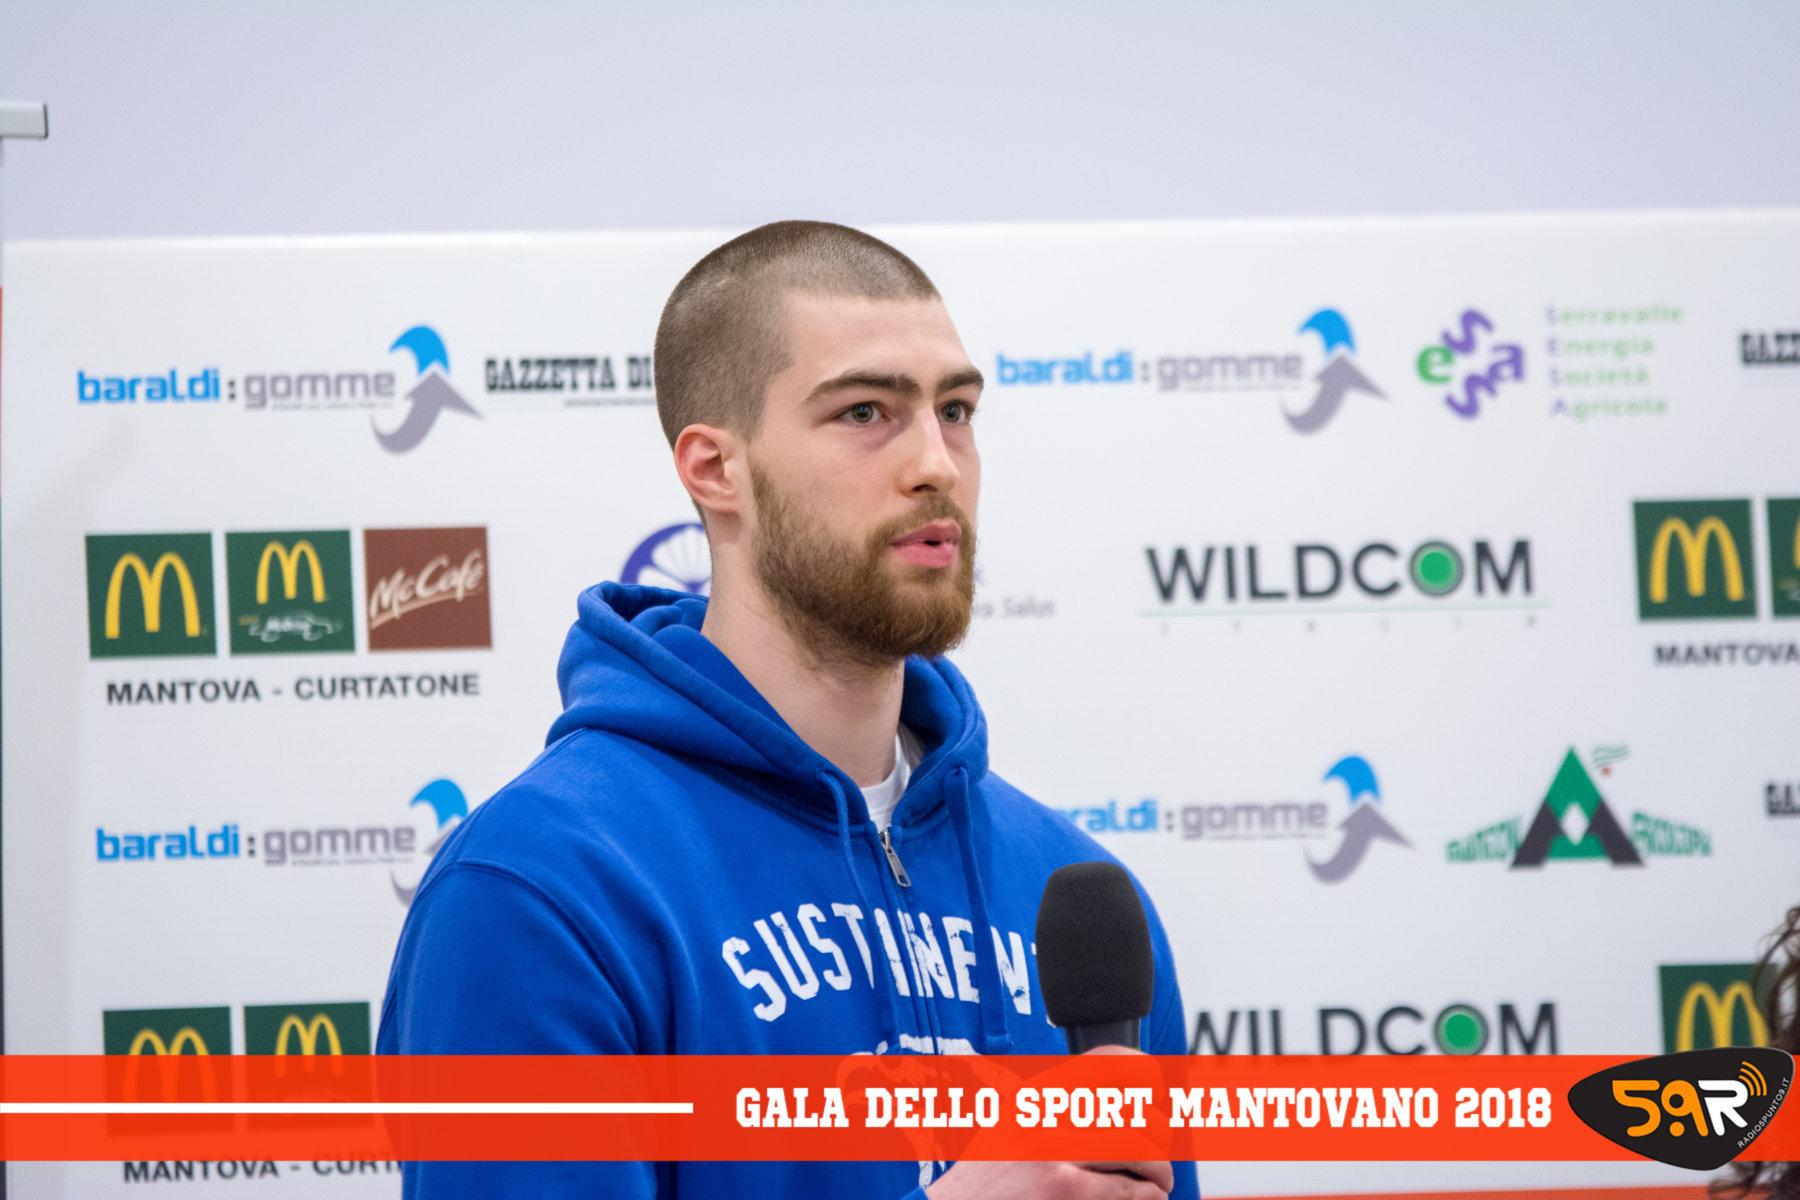 Gala dello Sport Mantovano 2018 Web Radio 5 (91)